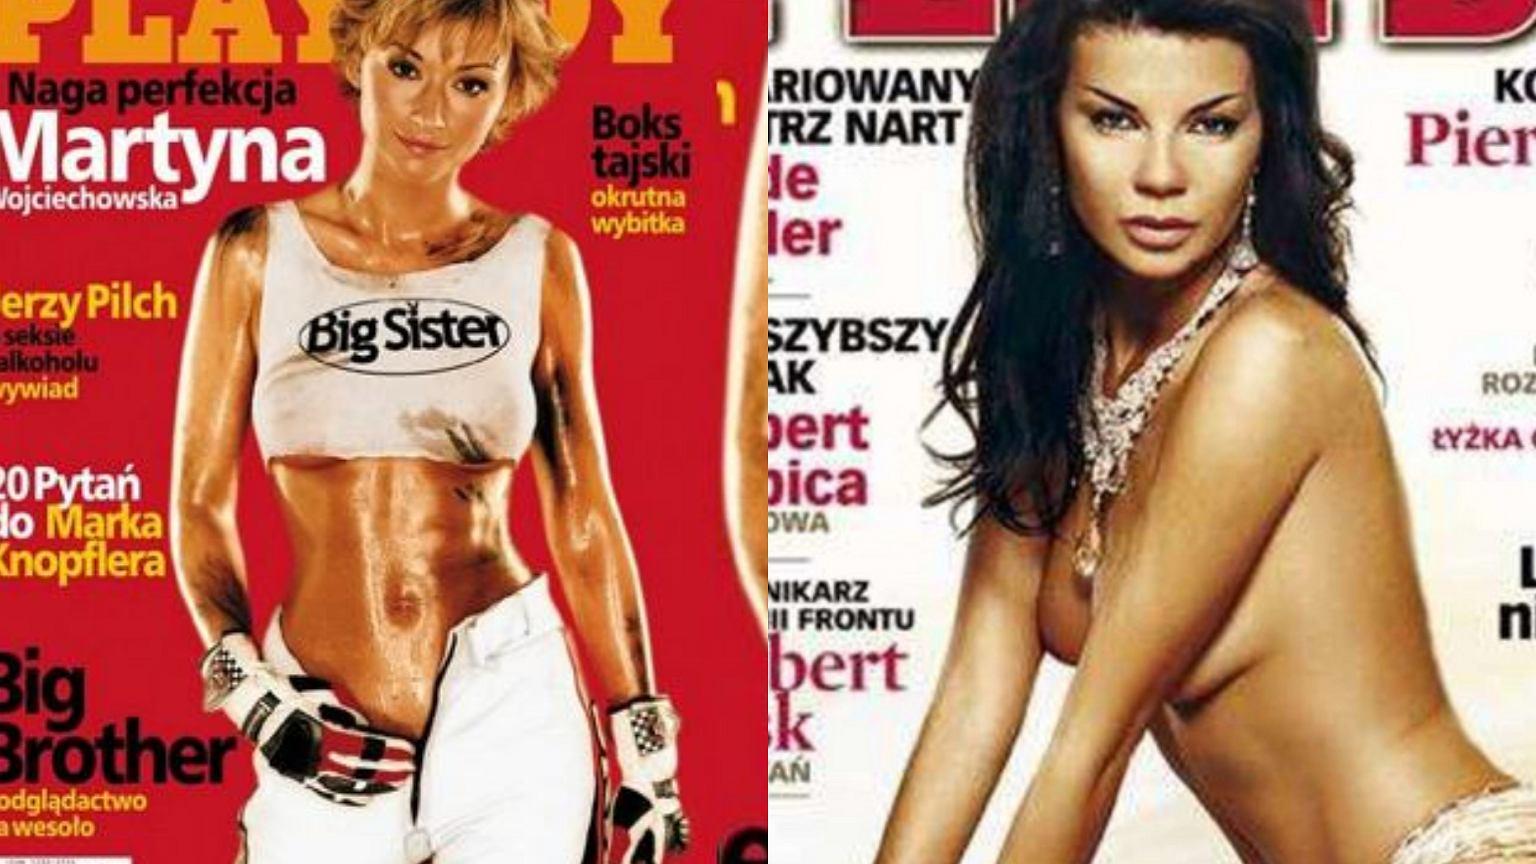 """Anna Mucha Playboy playboy"""" znika z rynku po 27 latach. w gor�cych sesjach"""